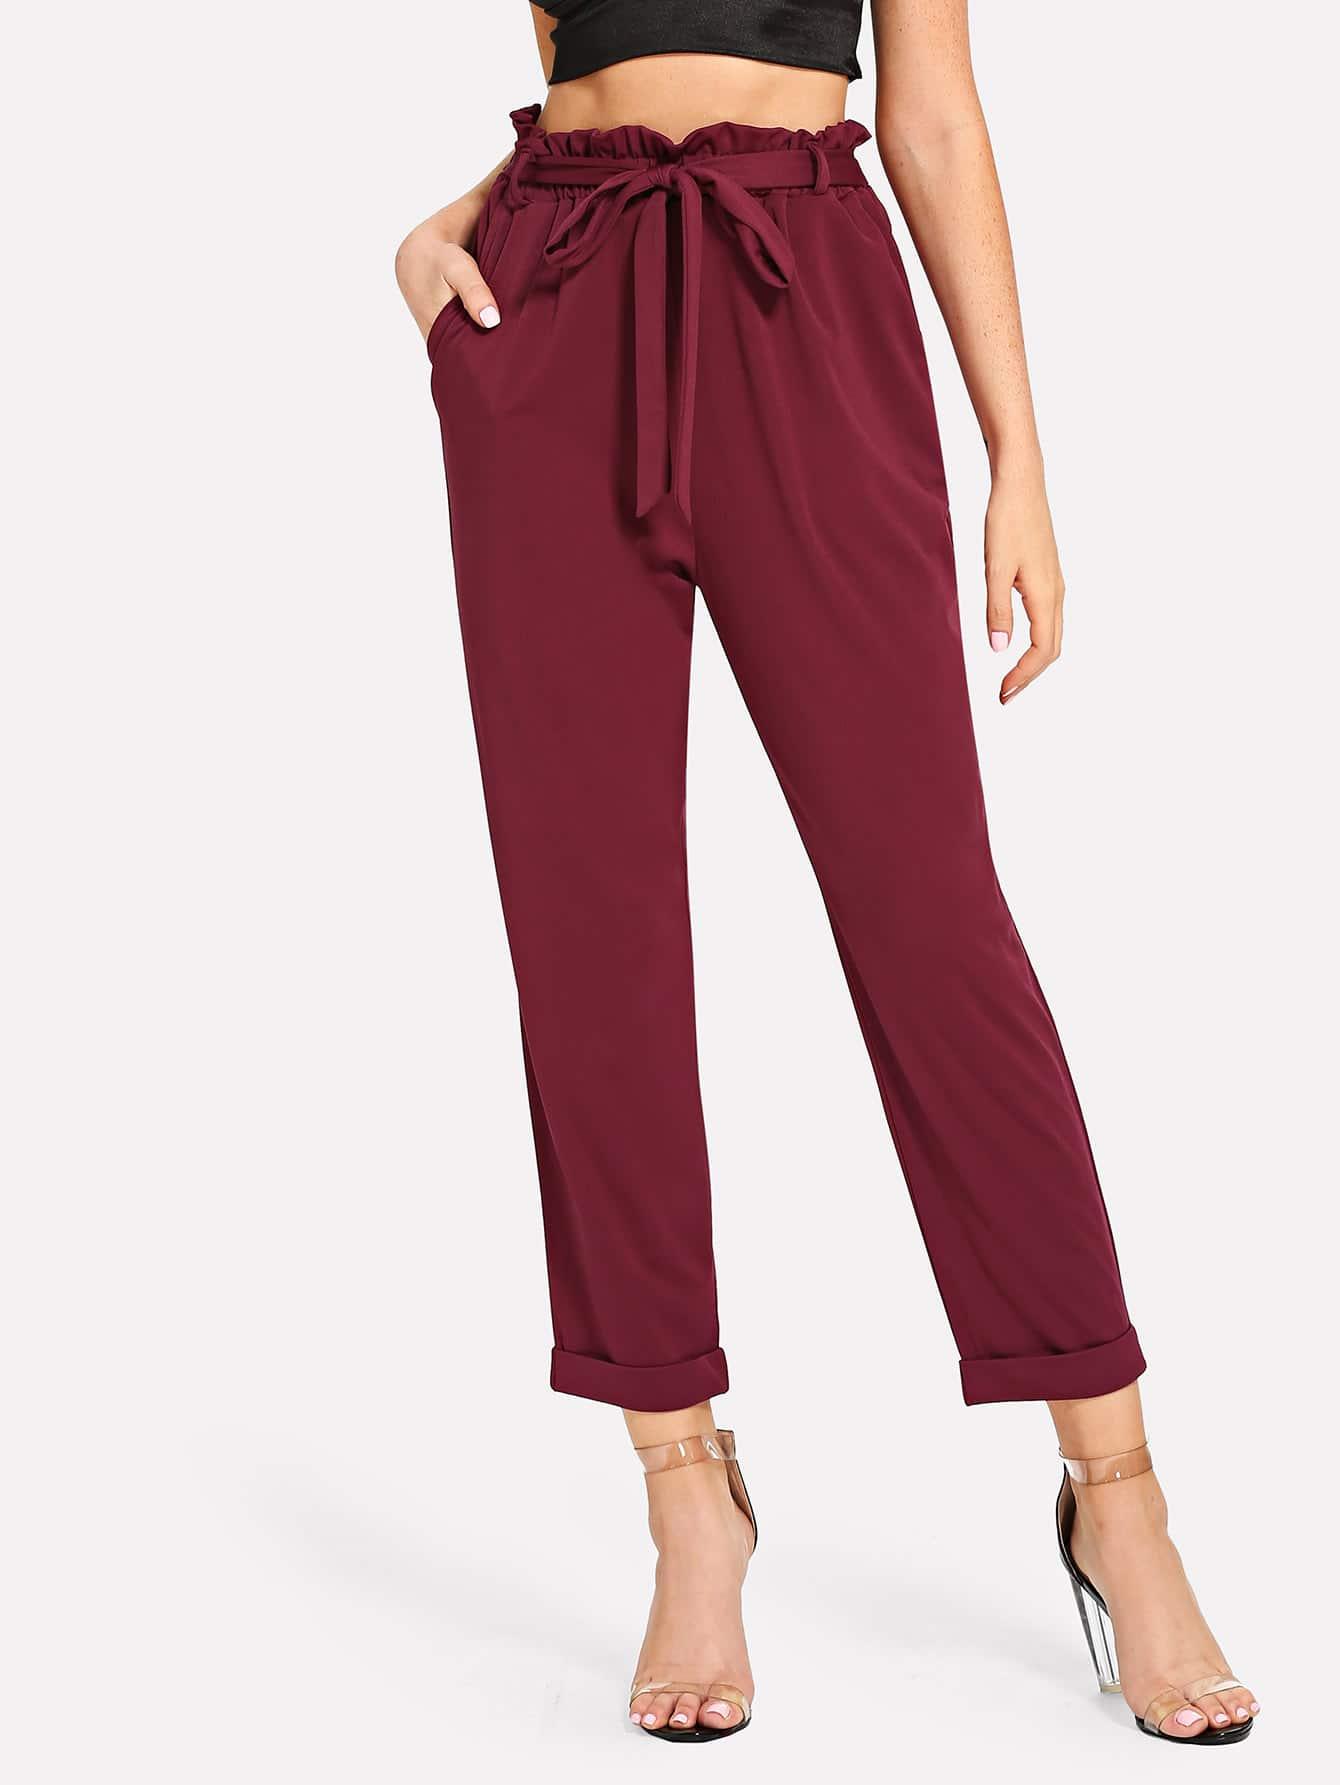 Belted Frill Pocket Pants